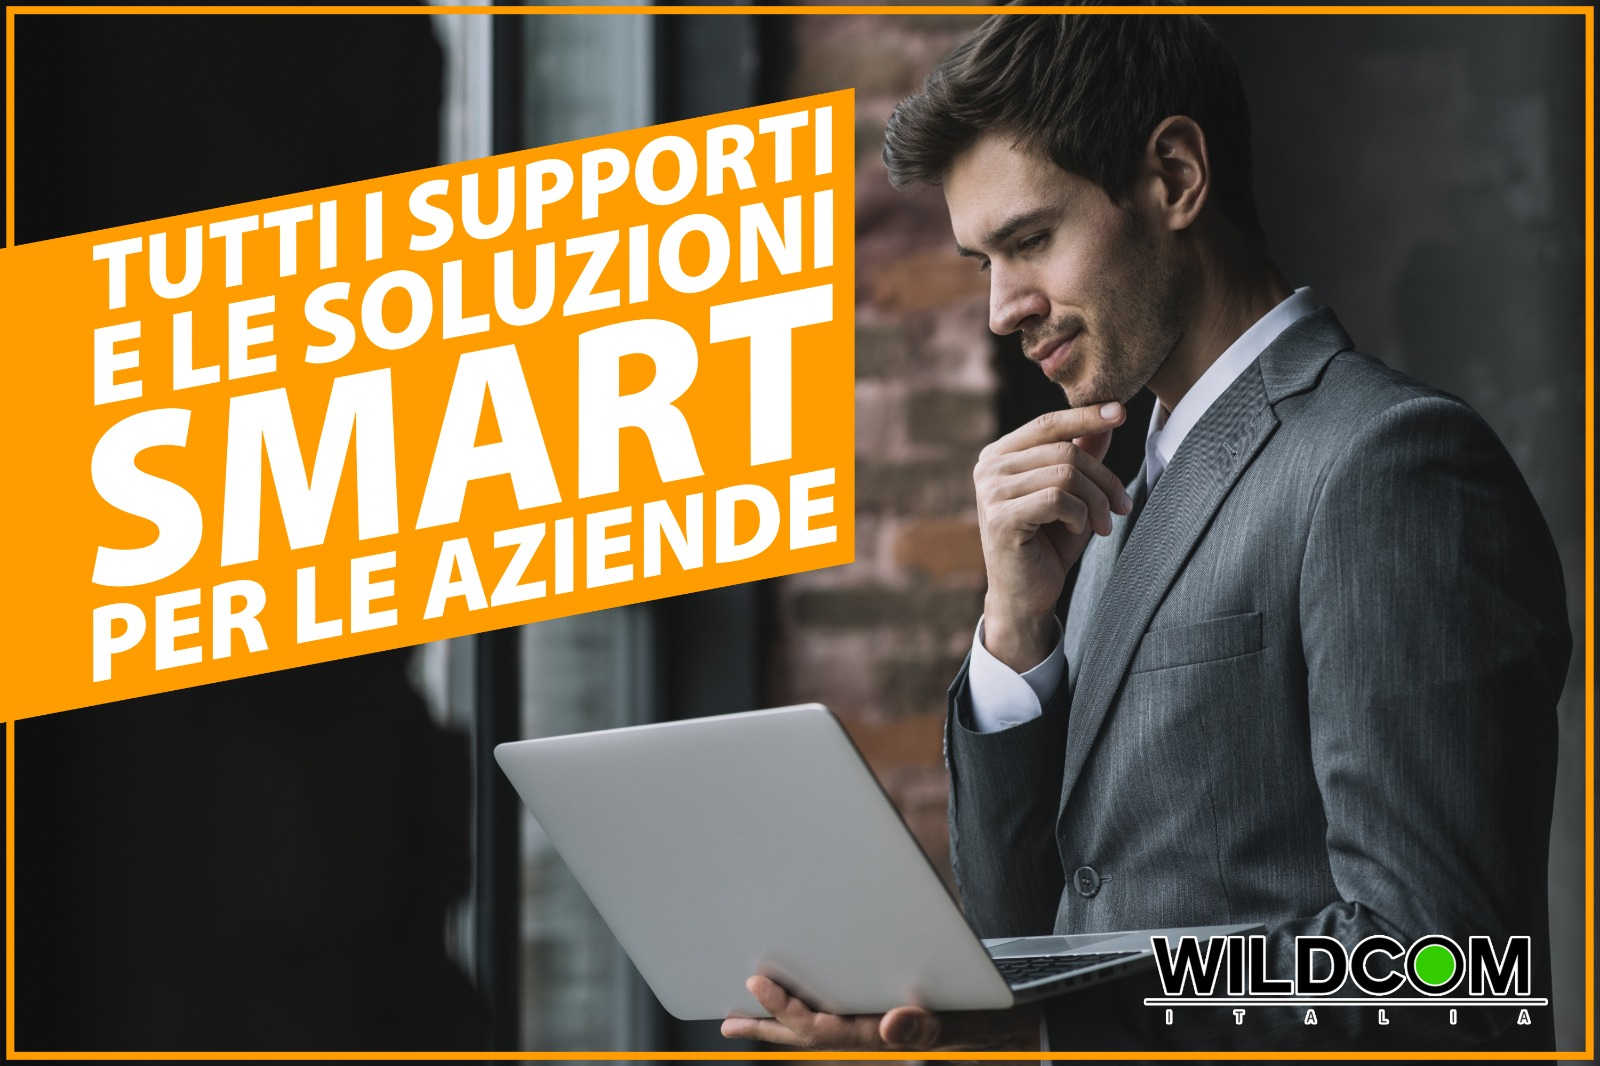 Supporti per le aziende - Wildcom